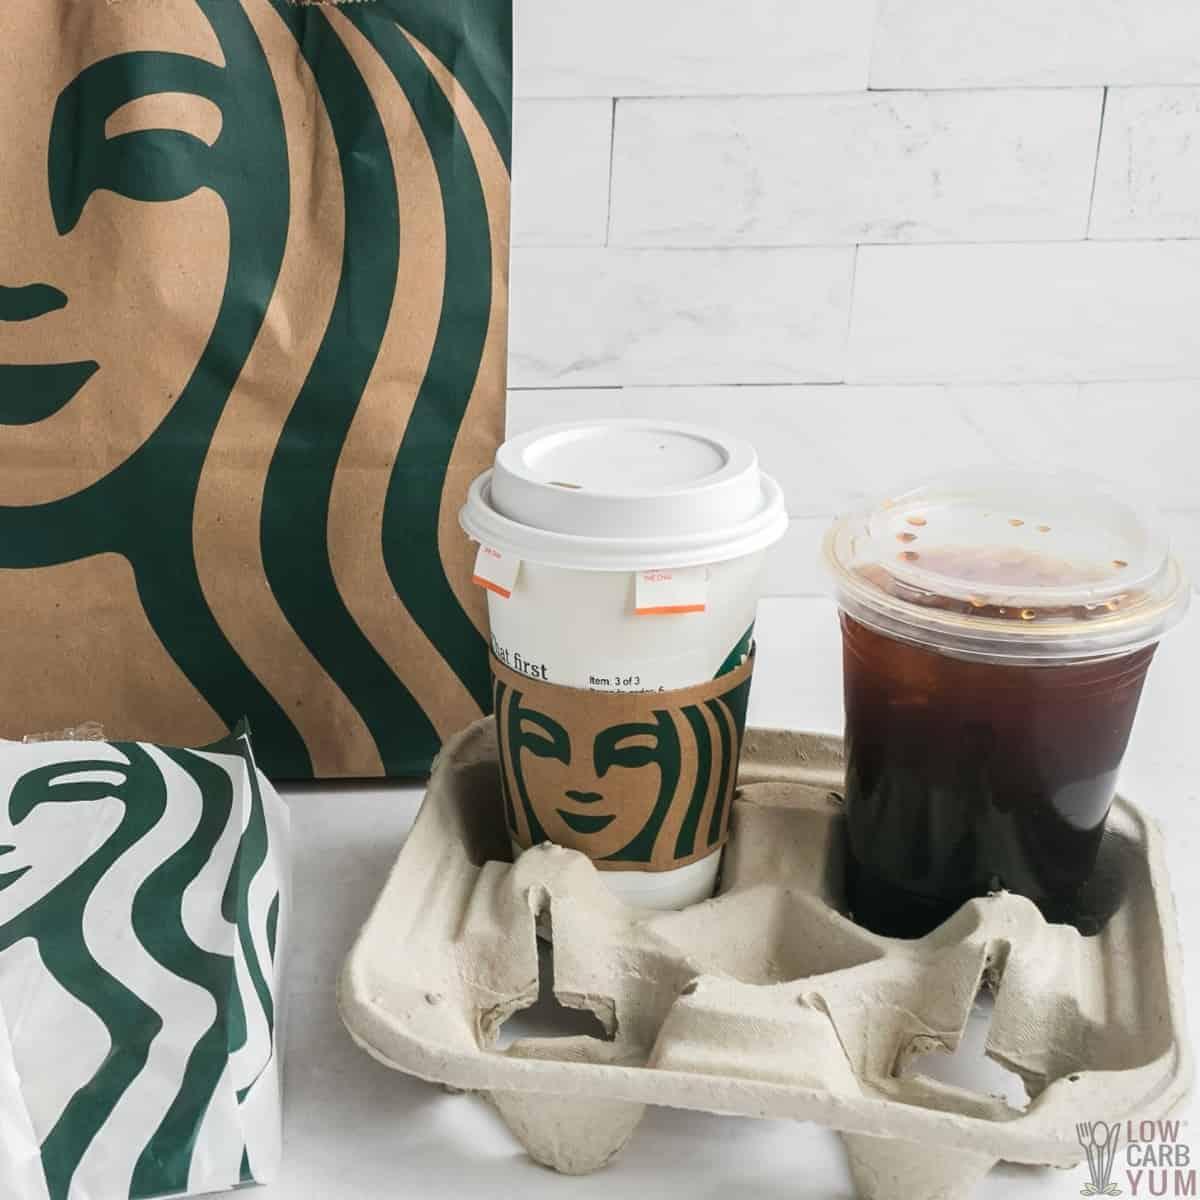 keto starbucks drinks order